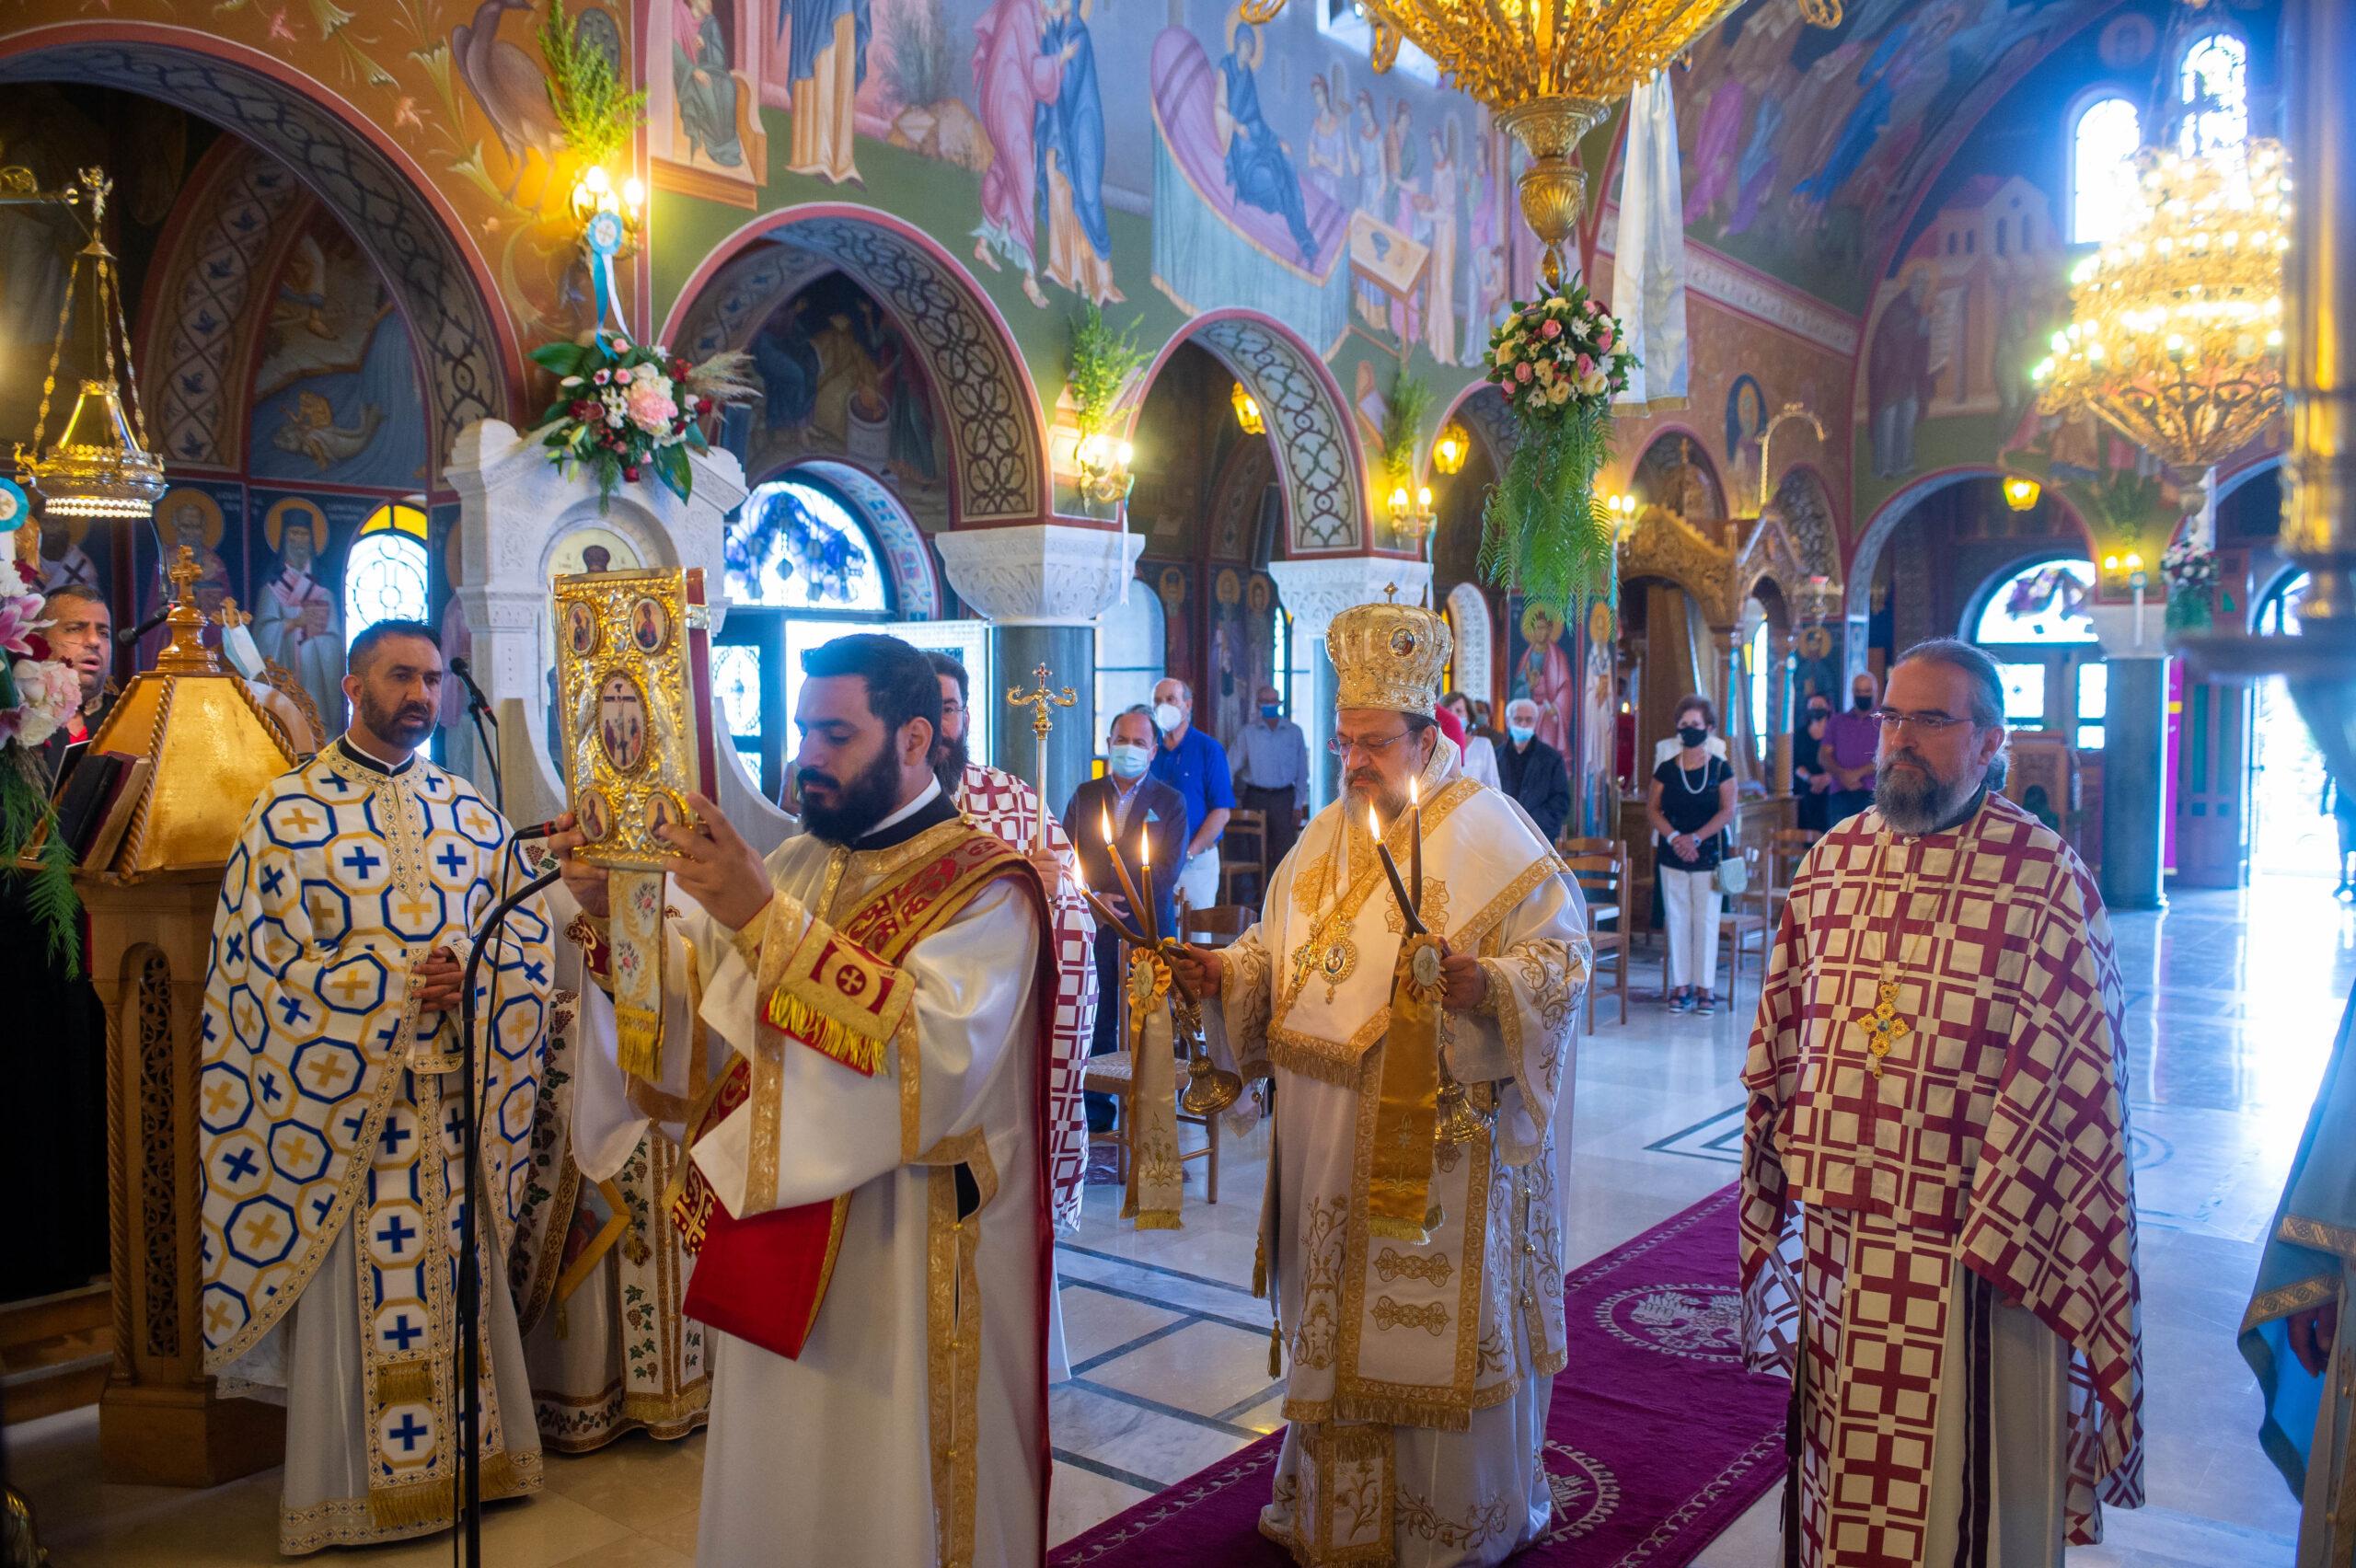 Την Πολιούχο της Παναγία Μυρτιδιώτισσα εόρτασε η Πύλος